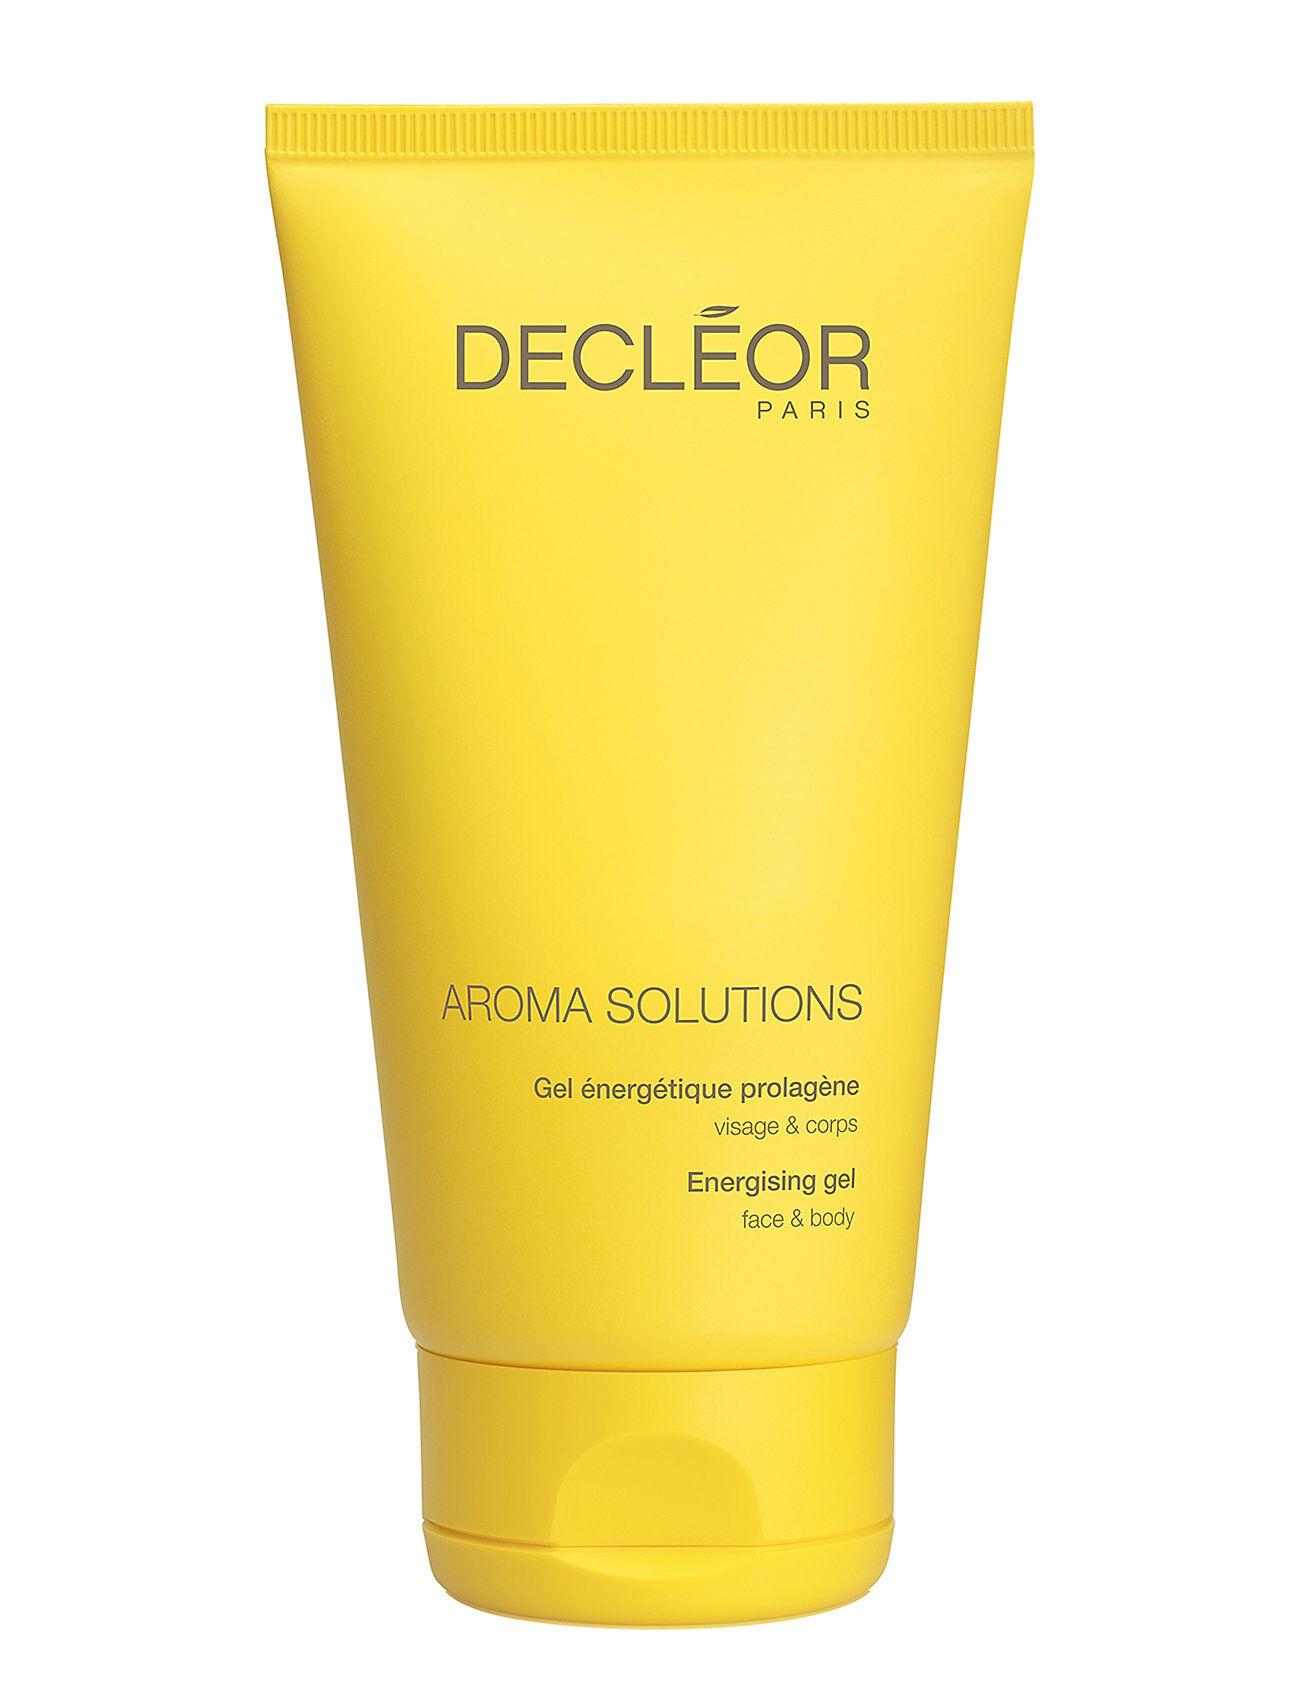 Decléor Proline Prolagene Gel Beauty WOMEN Skin Care Body Day Creams Nude Decléor